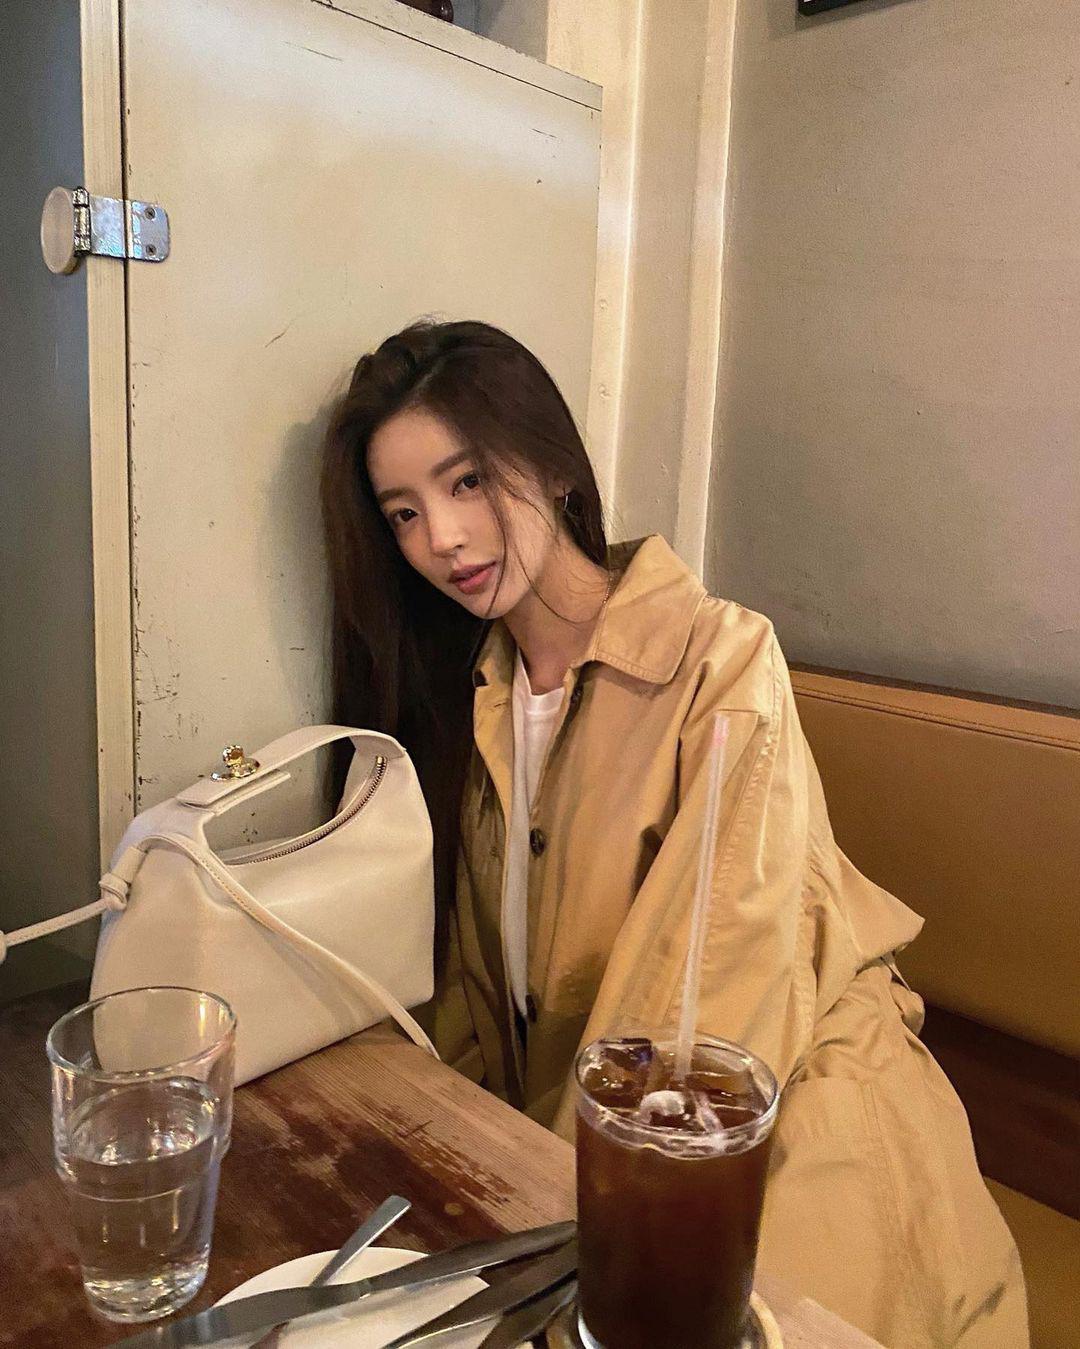 Hóng đồ Zara, H&M, Uniqlo được sao Hoa Hàn diện đợt này, biết ngay đâu là items đáng sắm nhất - Ảnh 8.